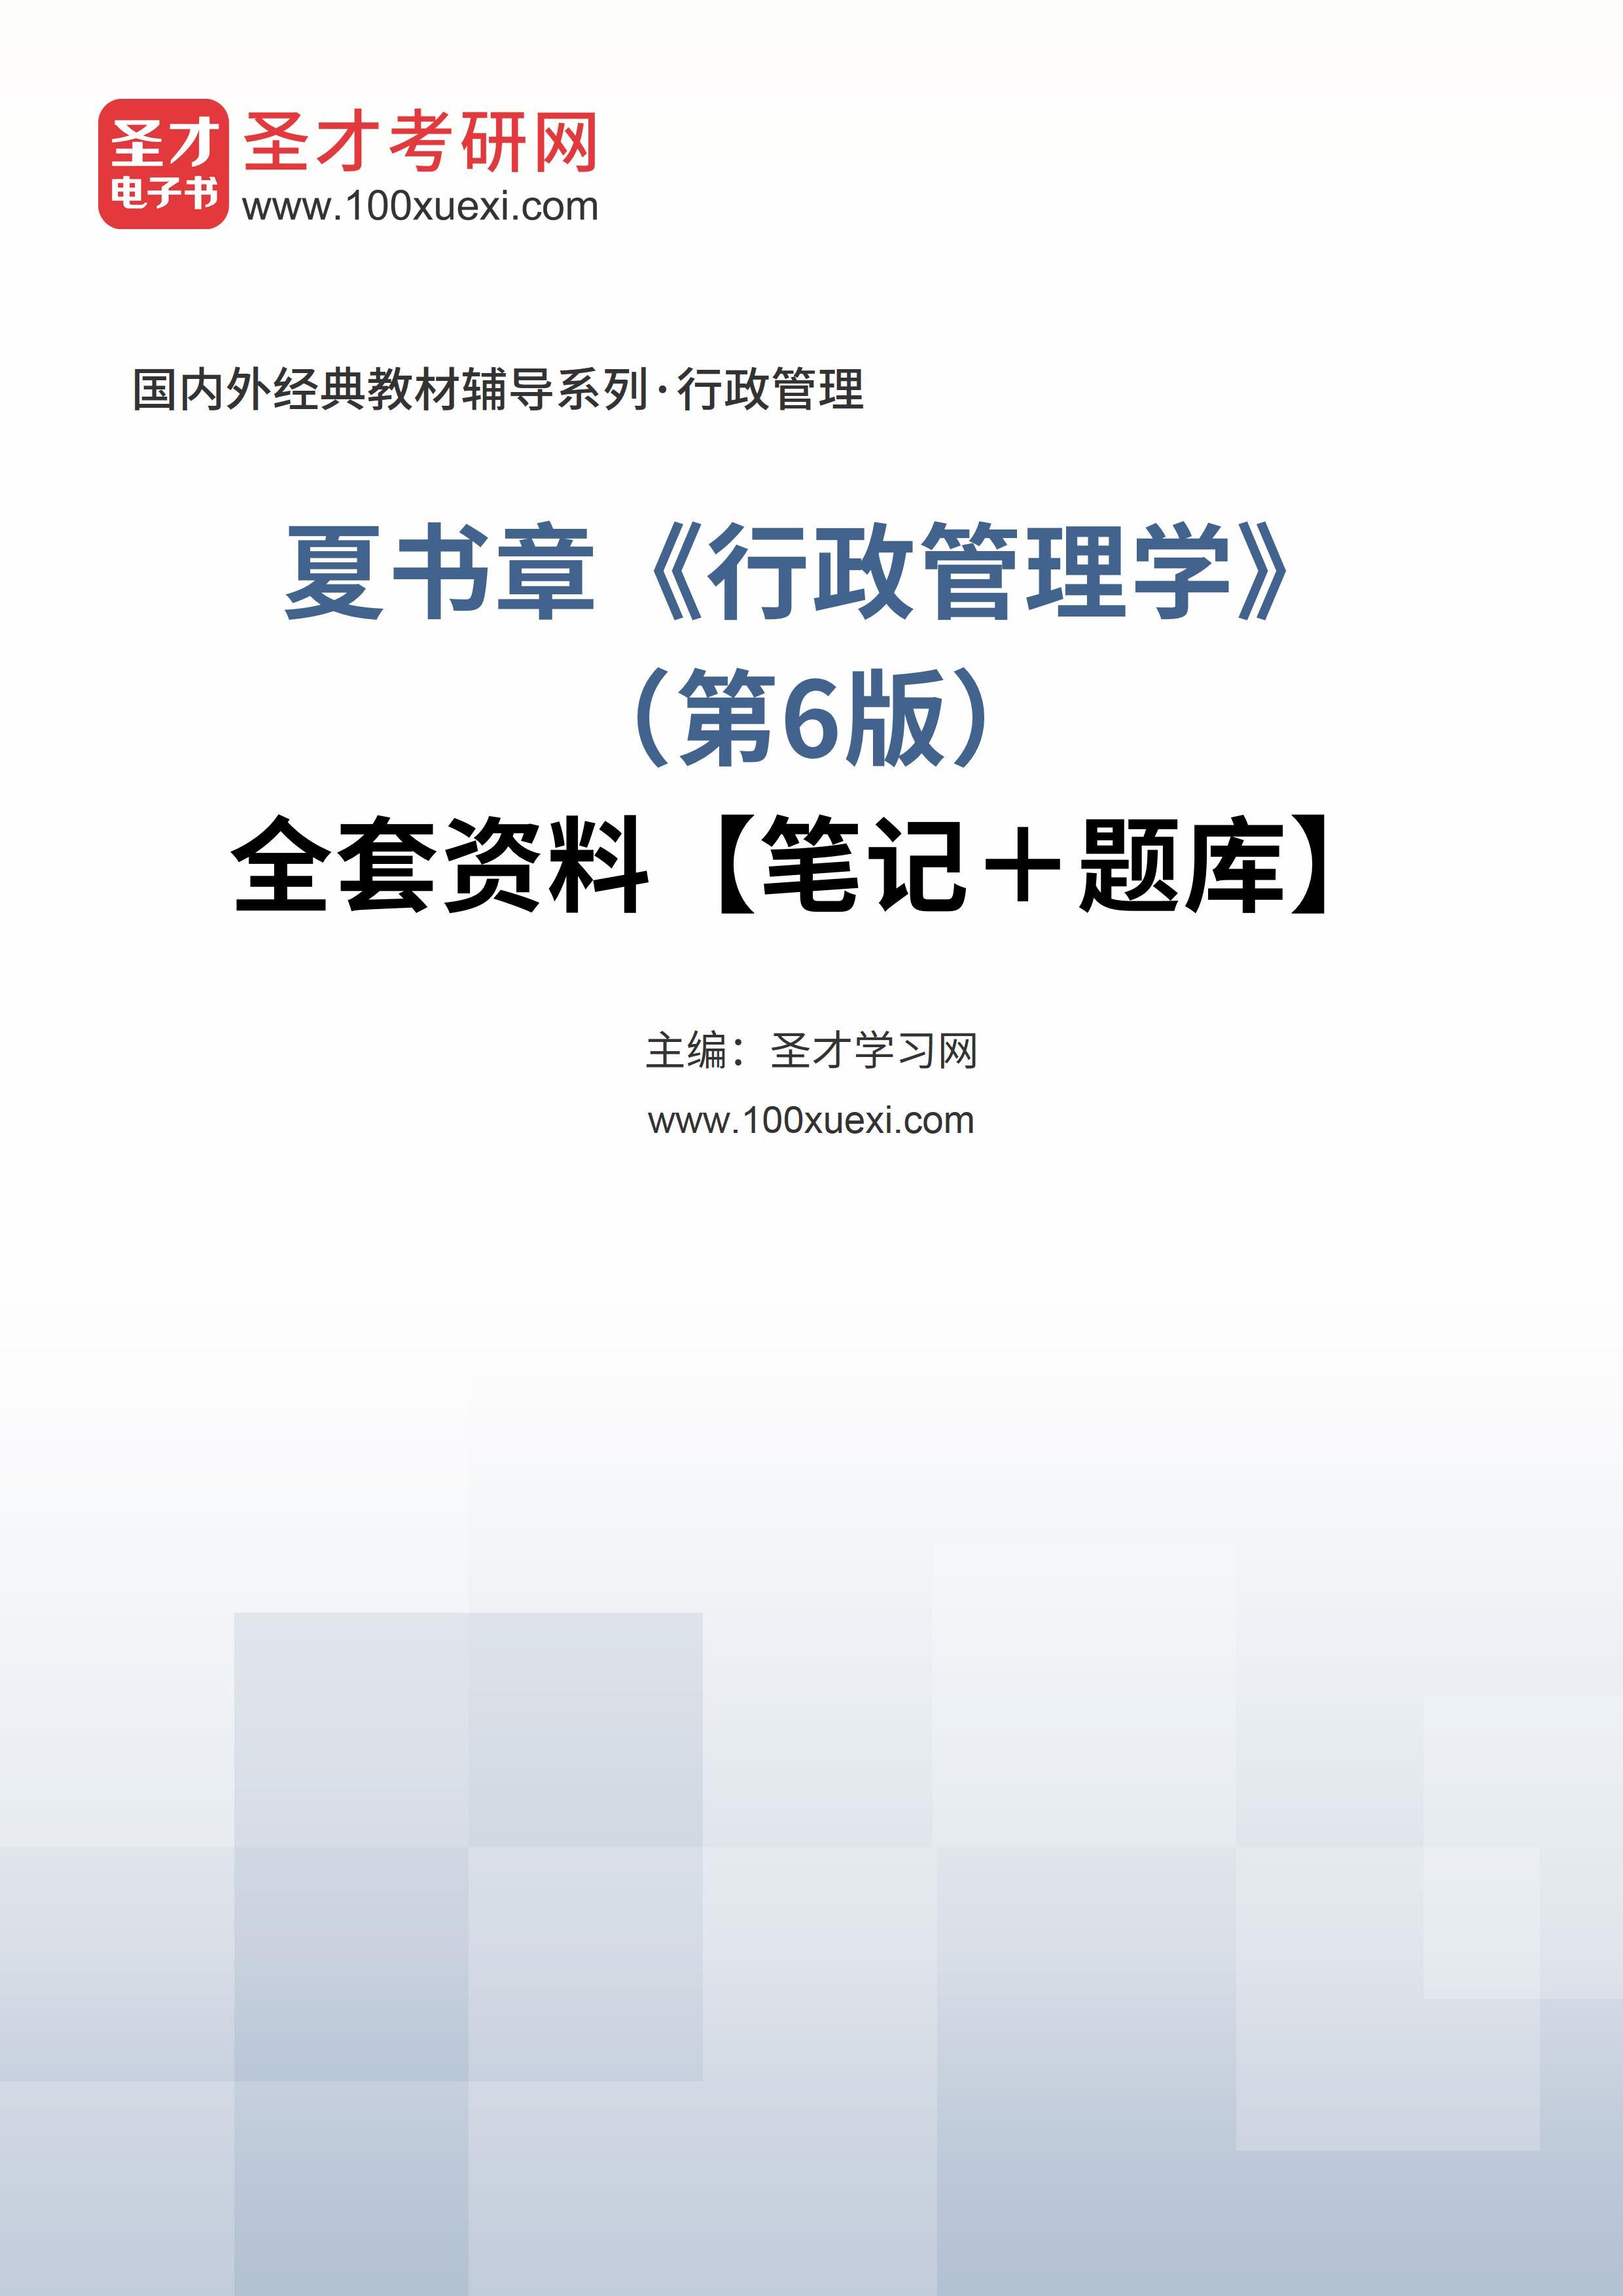 夏书章《行政管理学》(第6版)全套资料【笔记+题库】